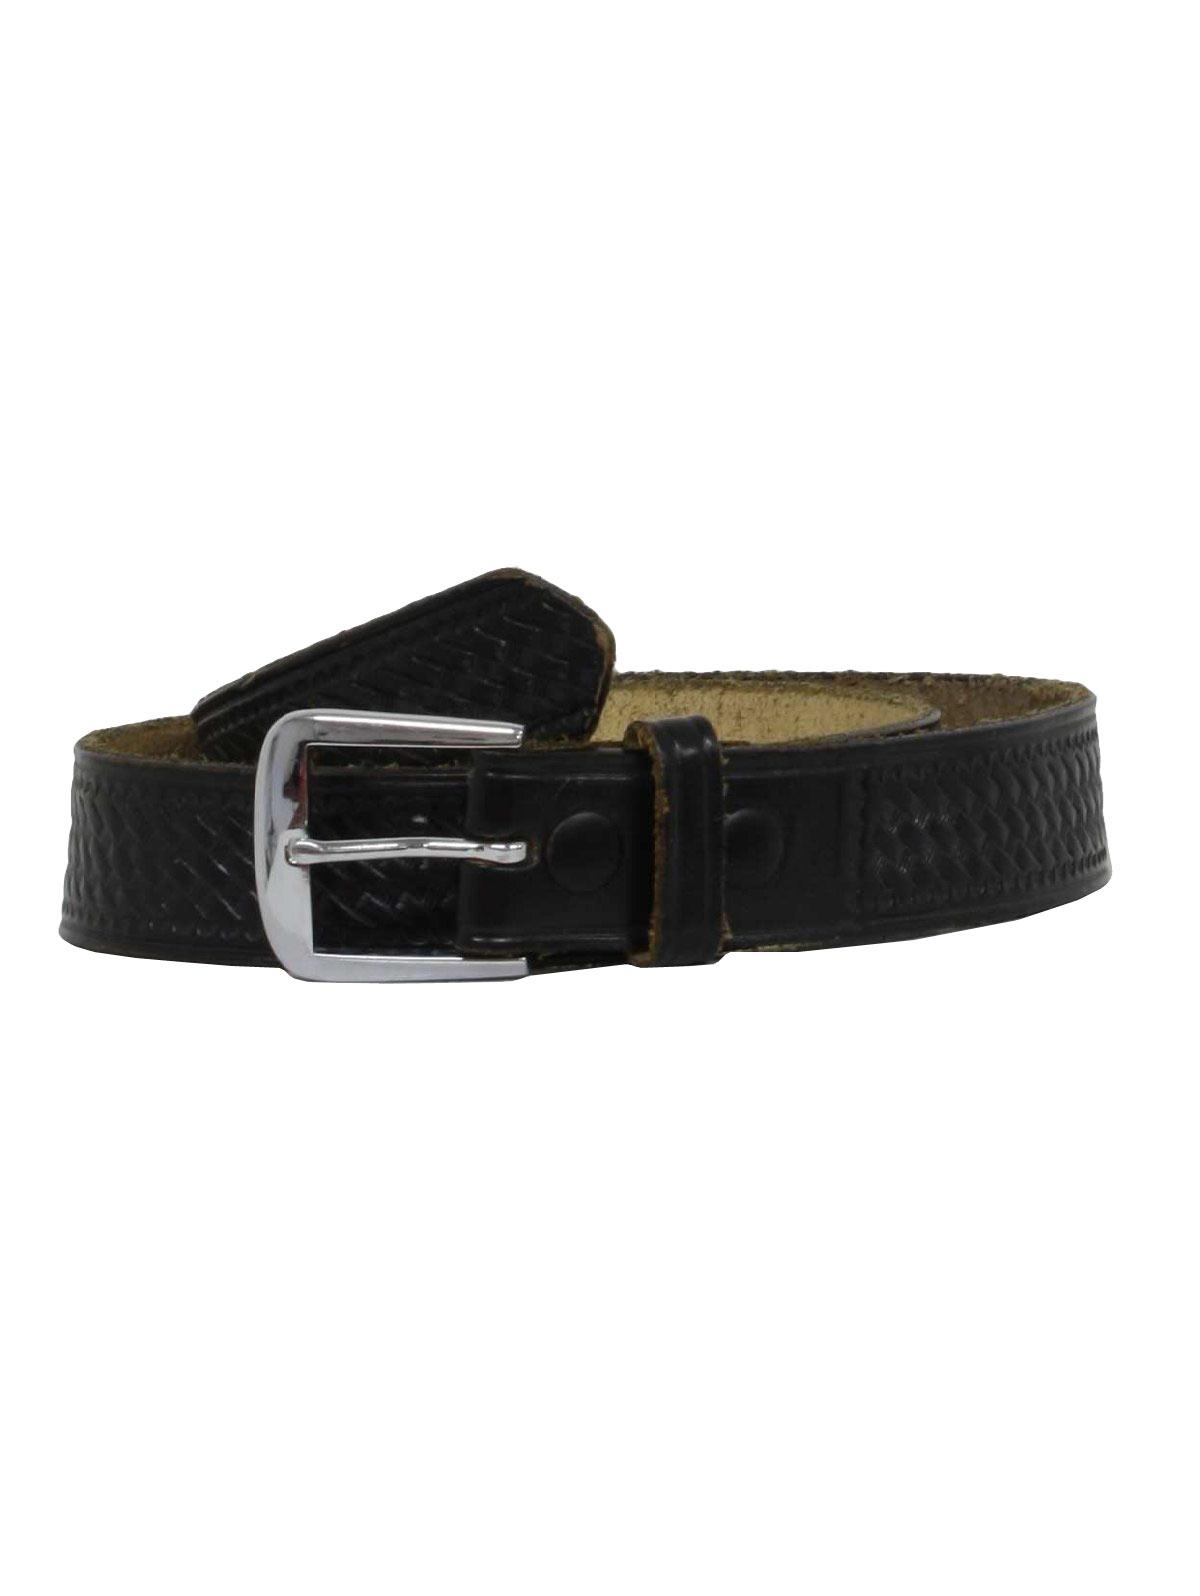 70s Belts